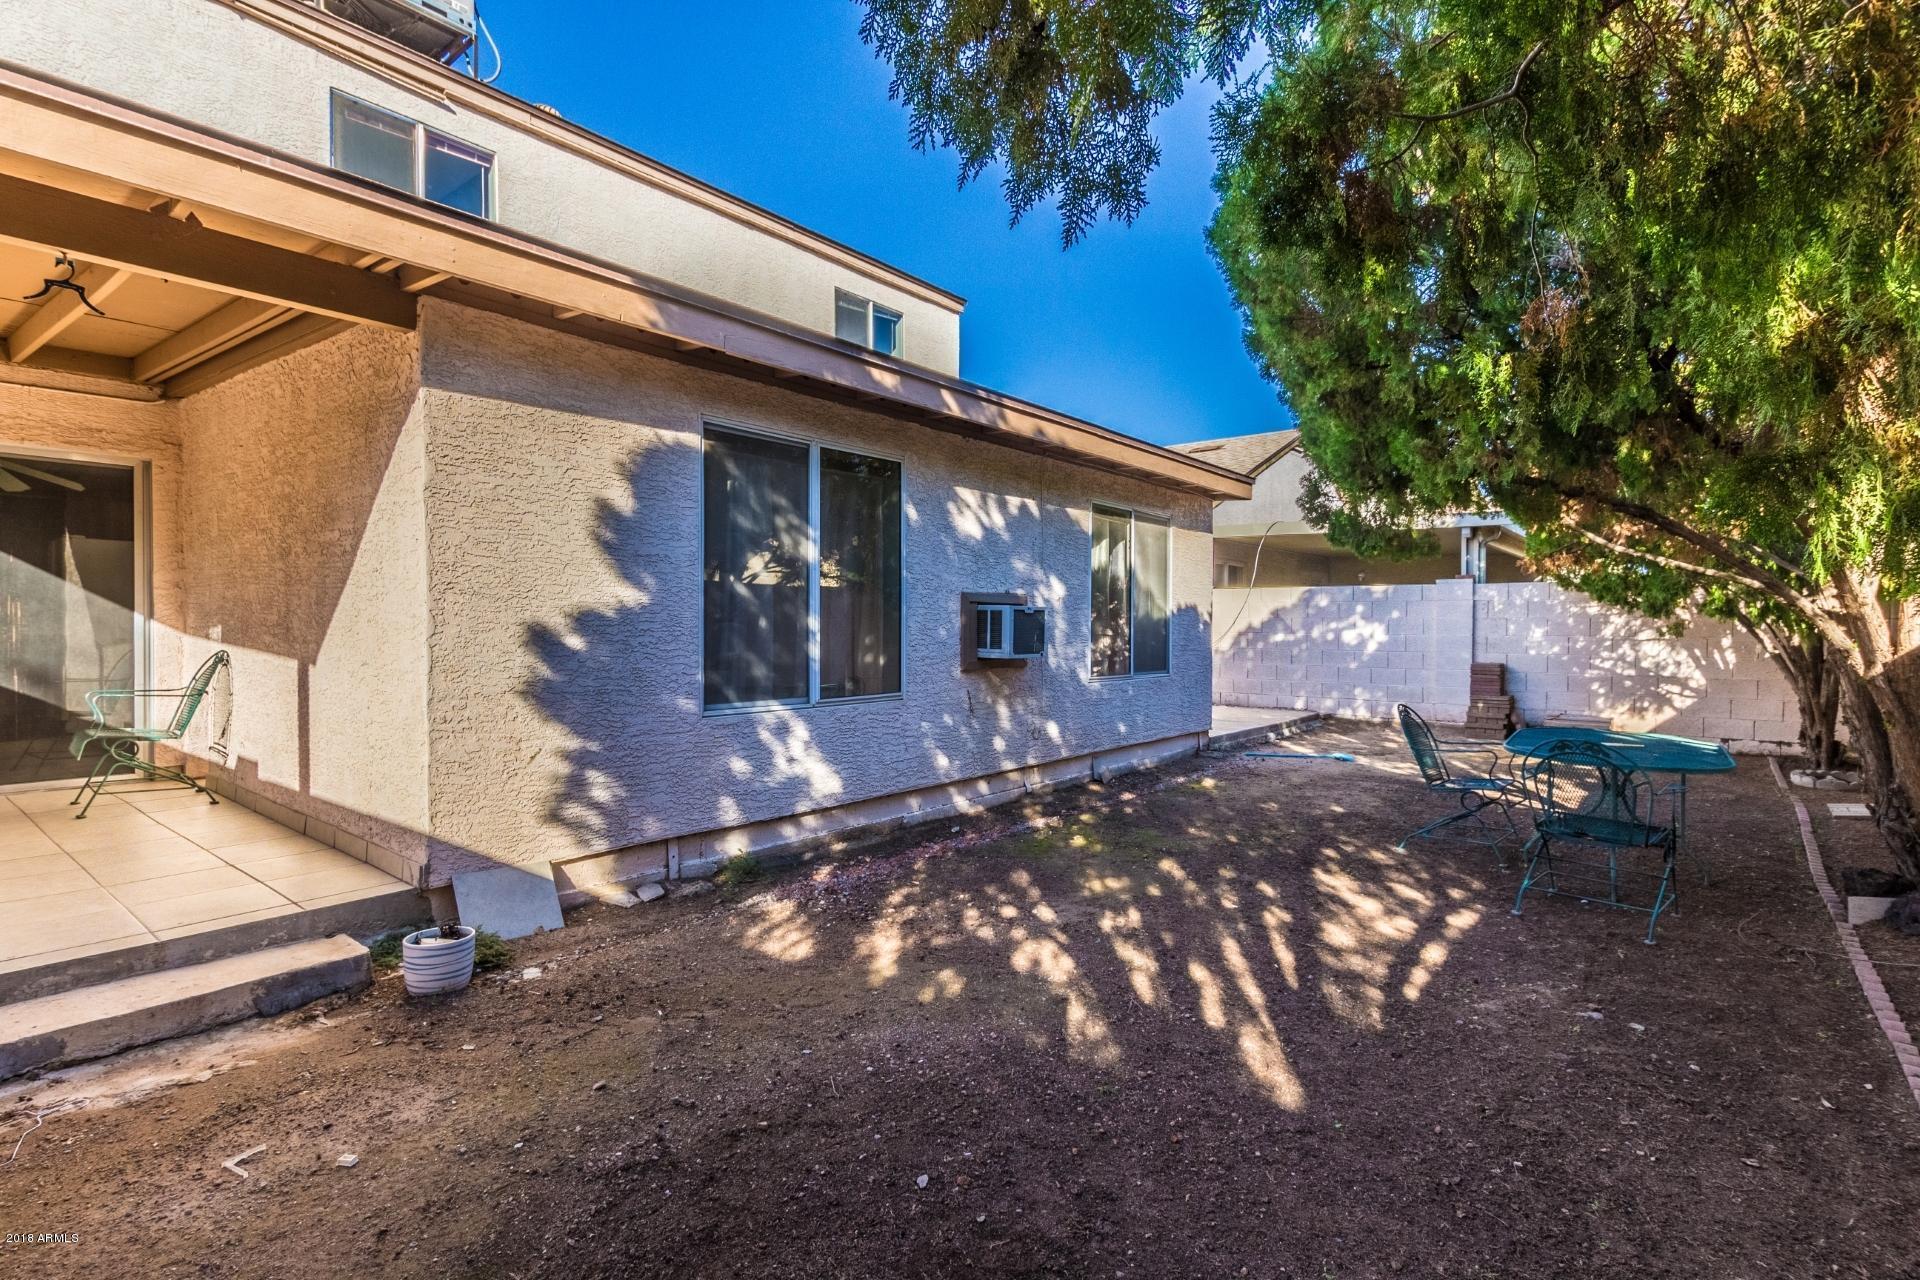 MLS 5834260 6607 W BROWN Street, Glendale, AZ 85302 Glendale AZ Condo or Townhome